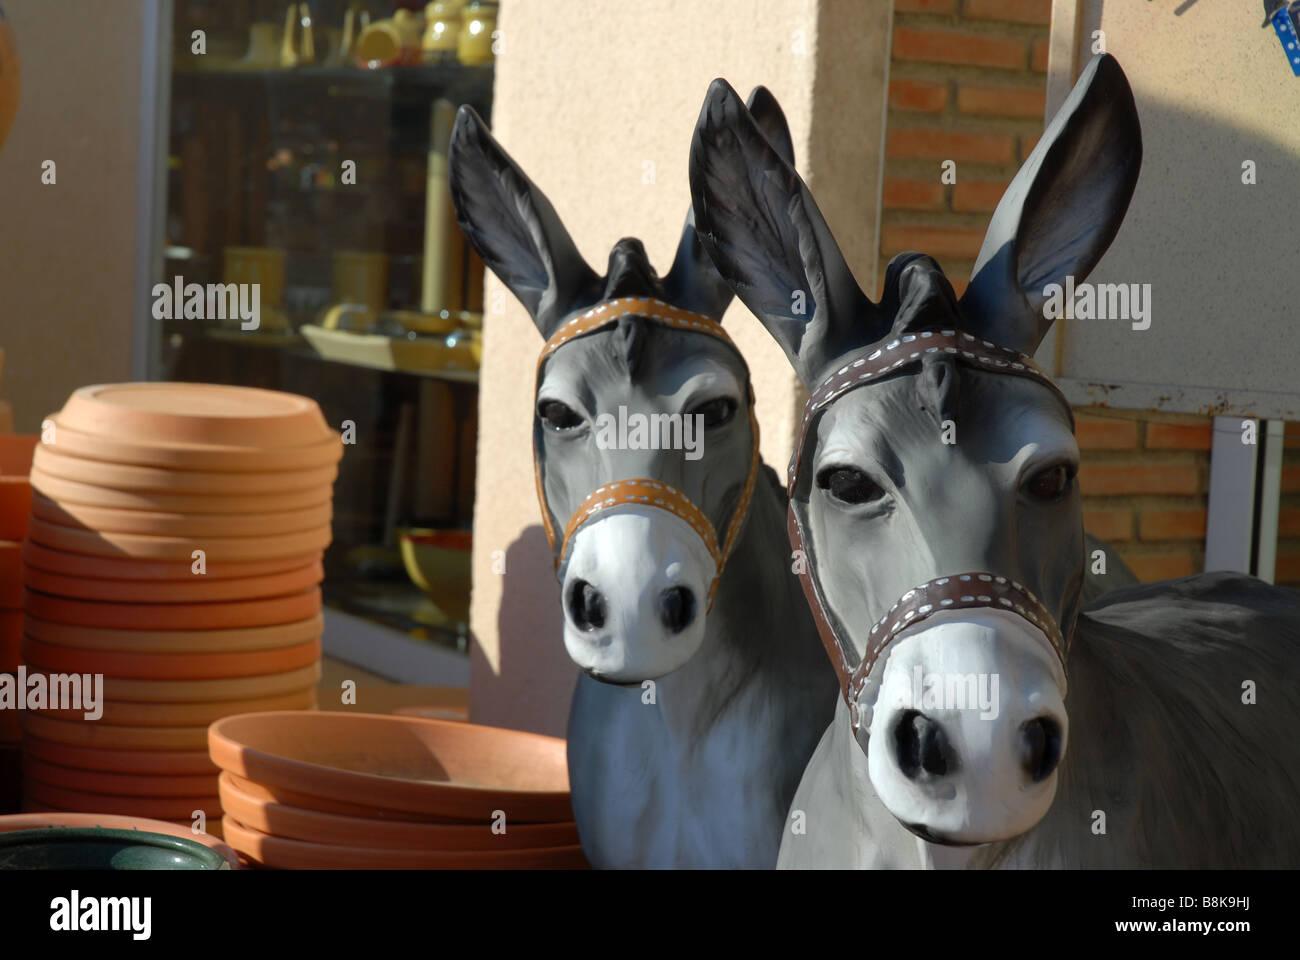 Genial Garden Statue Of Two Donkeys, Javea / Xabia, Alicante Province, Comunidad  Valenciana,